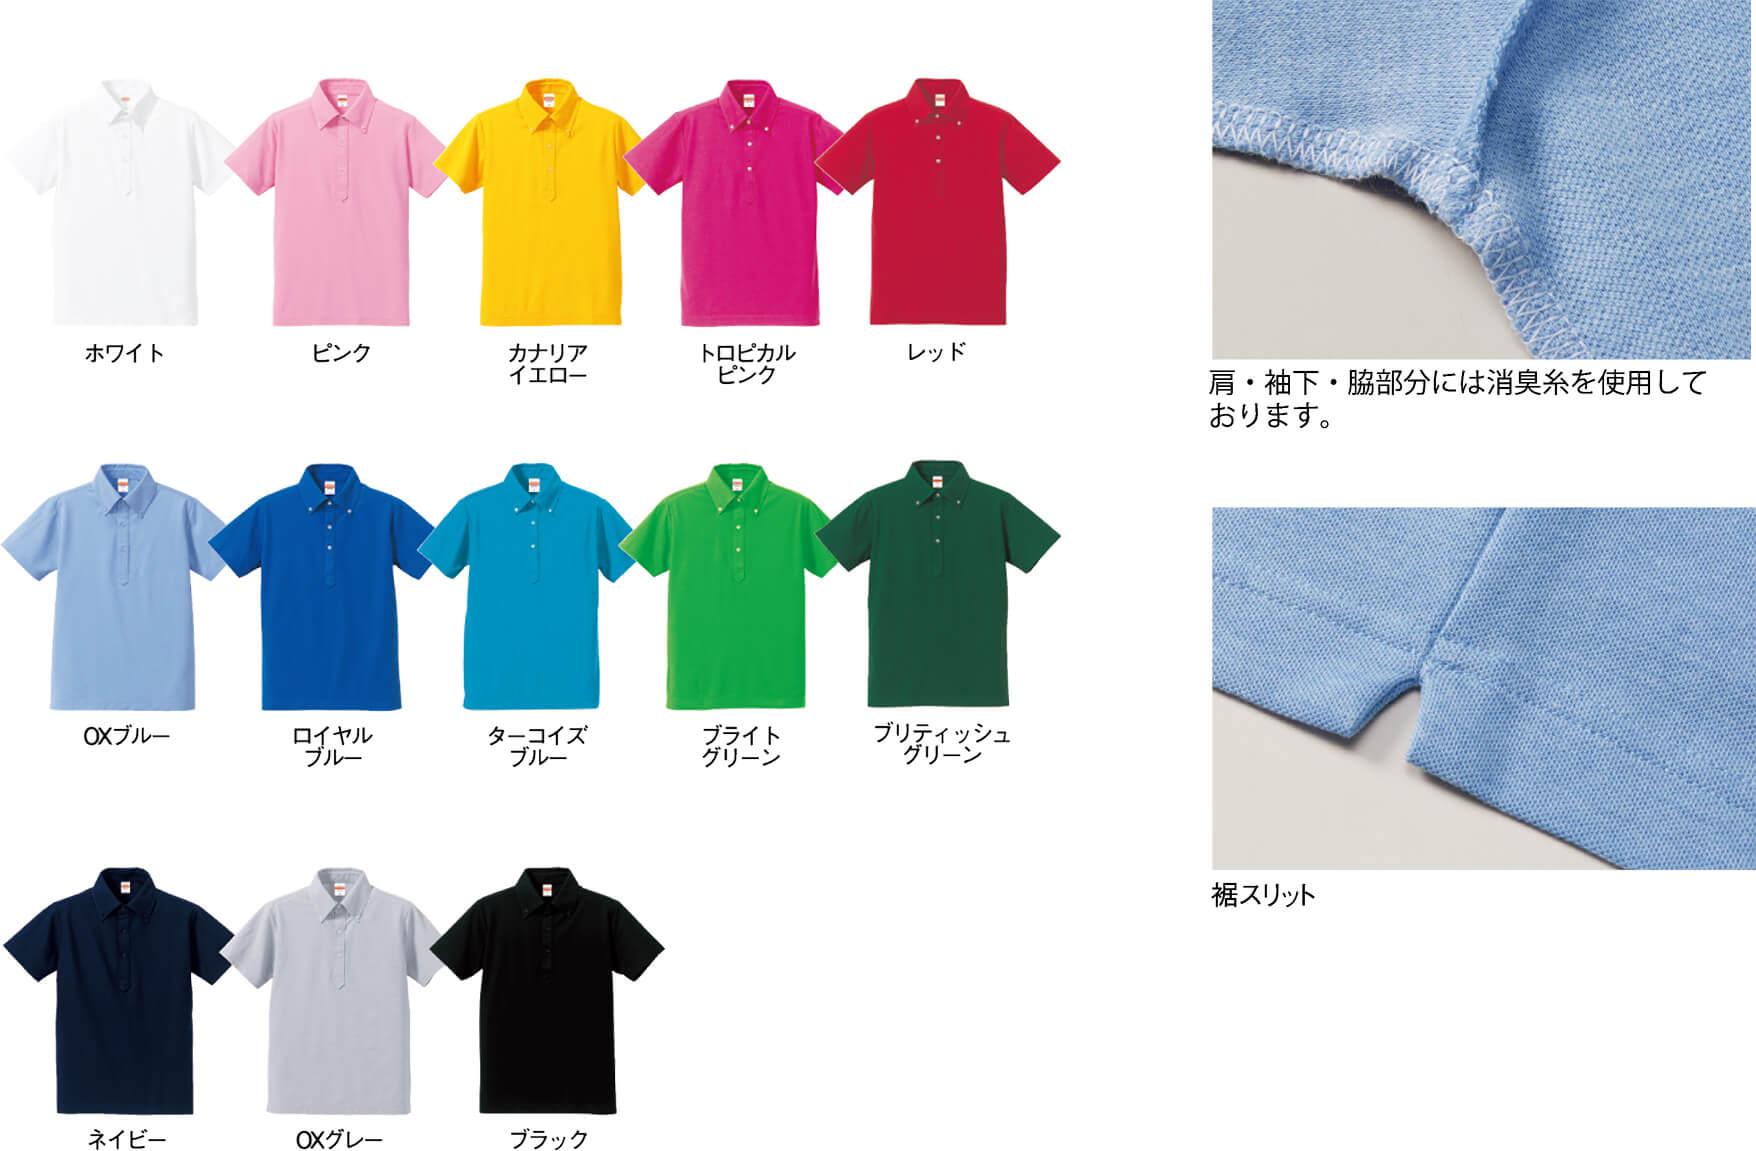 オリジナルポロシャツの全色紹介。